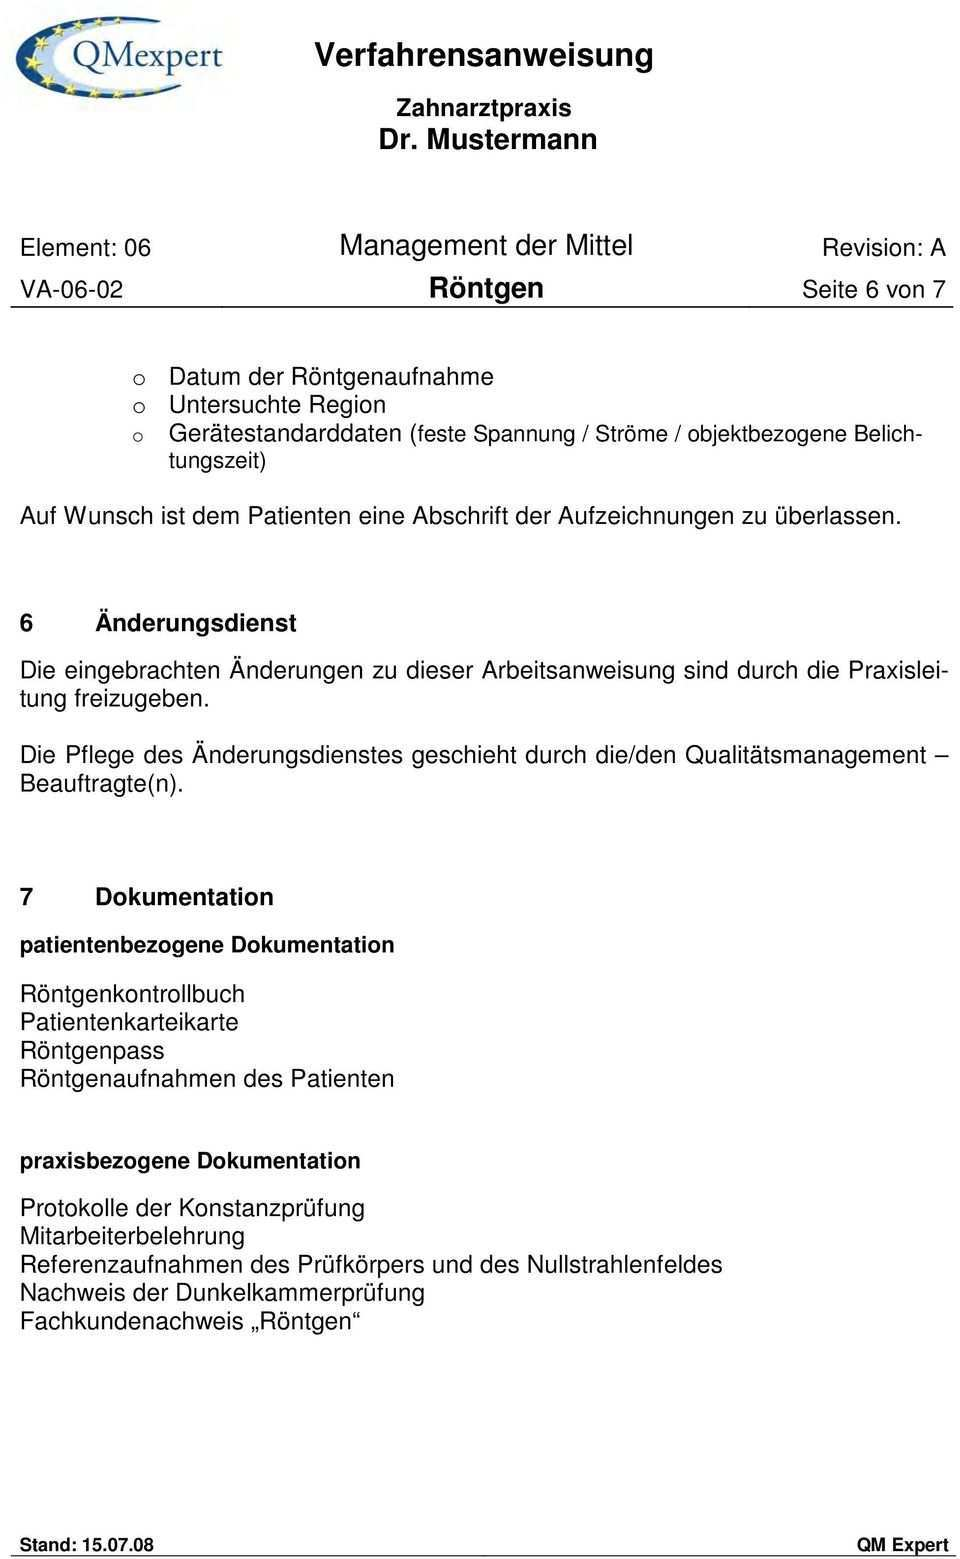 Verfahrensanweisung Zahnarztpraxis Dr Mustermann Element 06 Management Der Mittel Revision A Va Rontgen Seite 1 Von 7 Pdf Kostenfreier Download